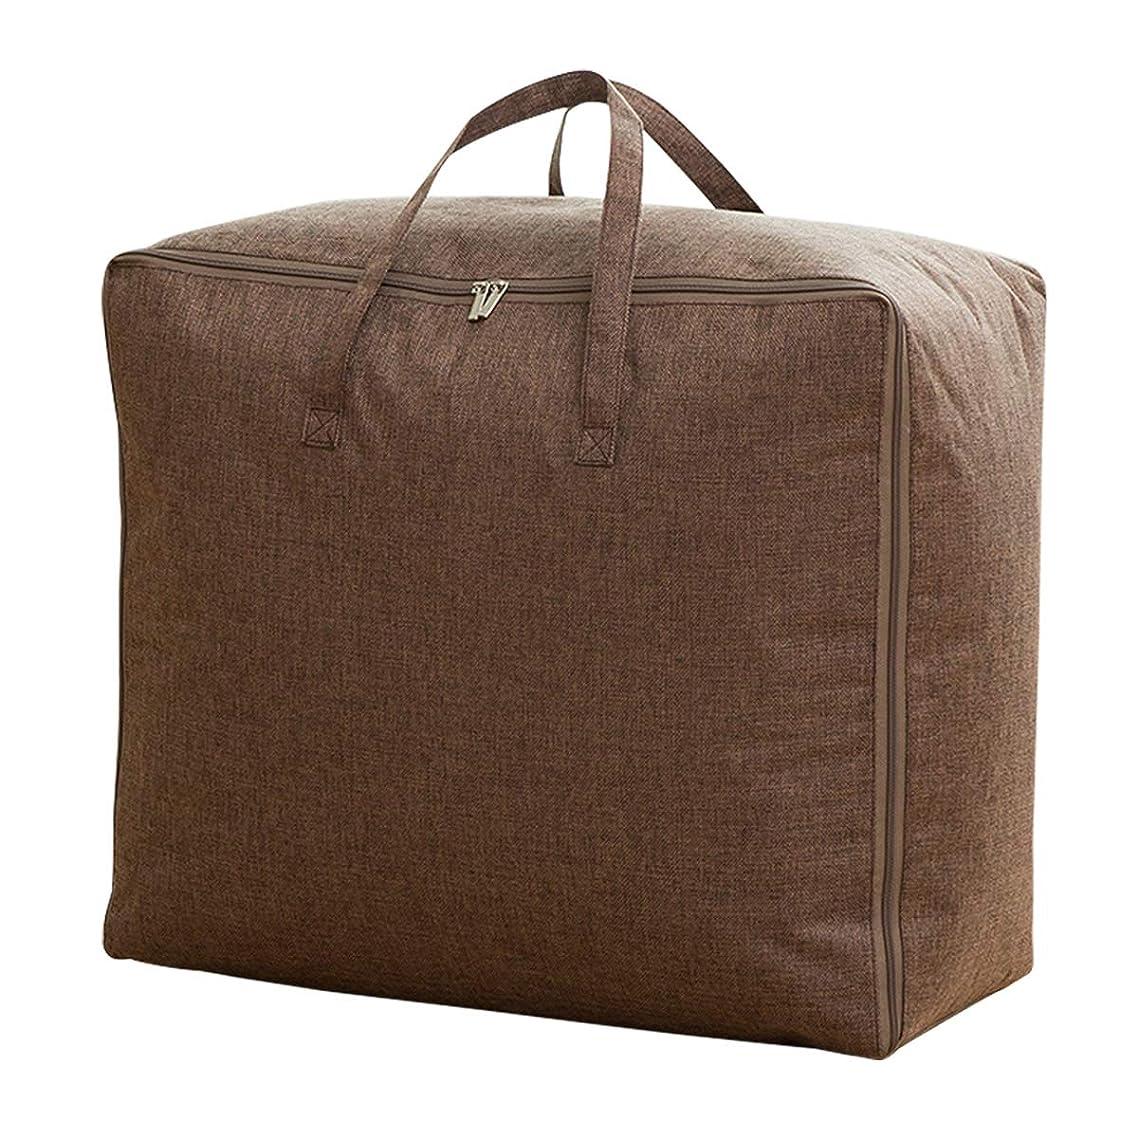 問い合わせ状態高めるsiariz(シアリズ) 布団収納ボストンバッグ衣類収納バッグストレージバッグ大容量引越し衣替え持ち手付き(Mブラウン)